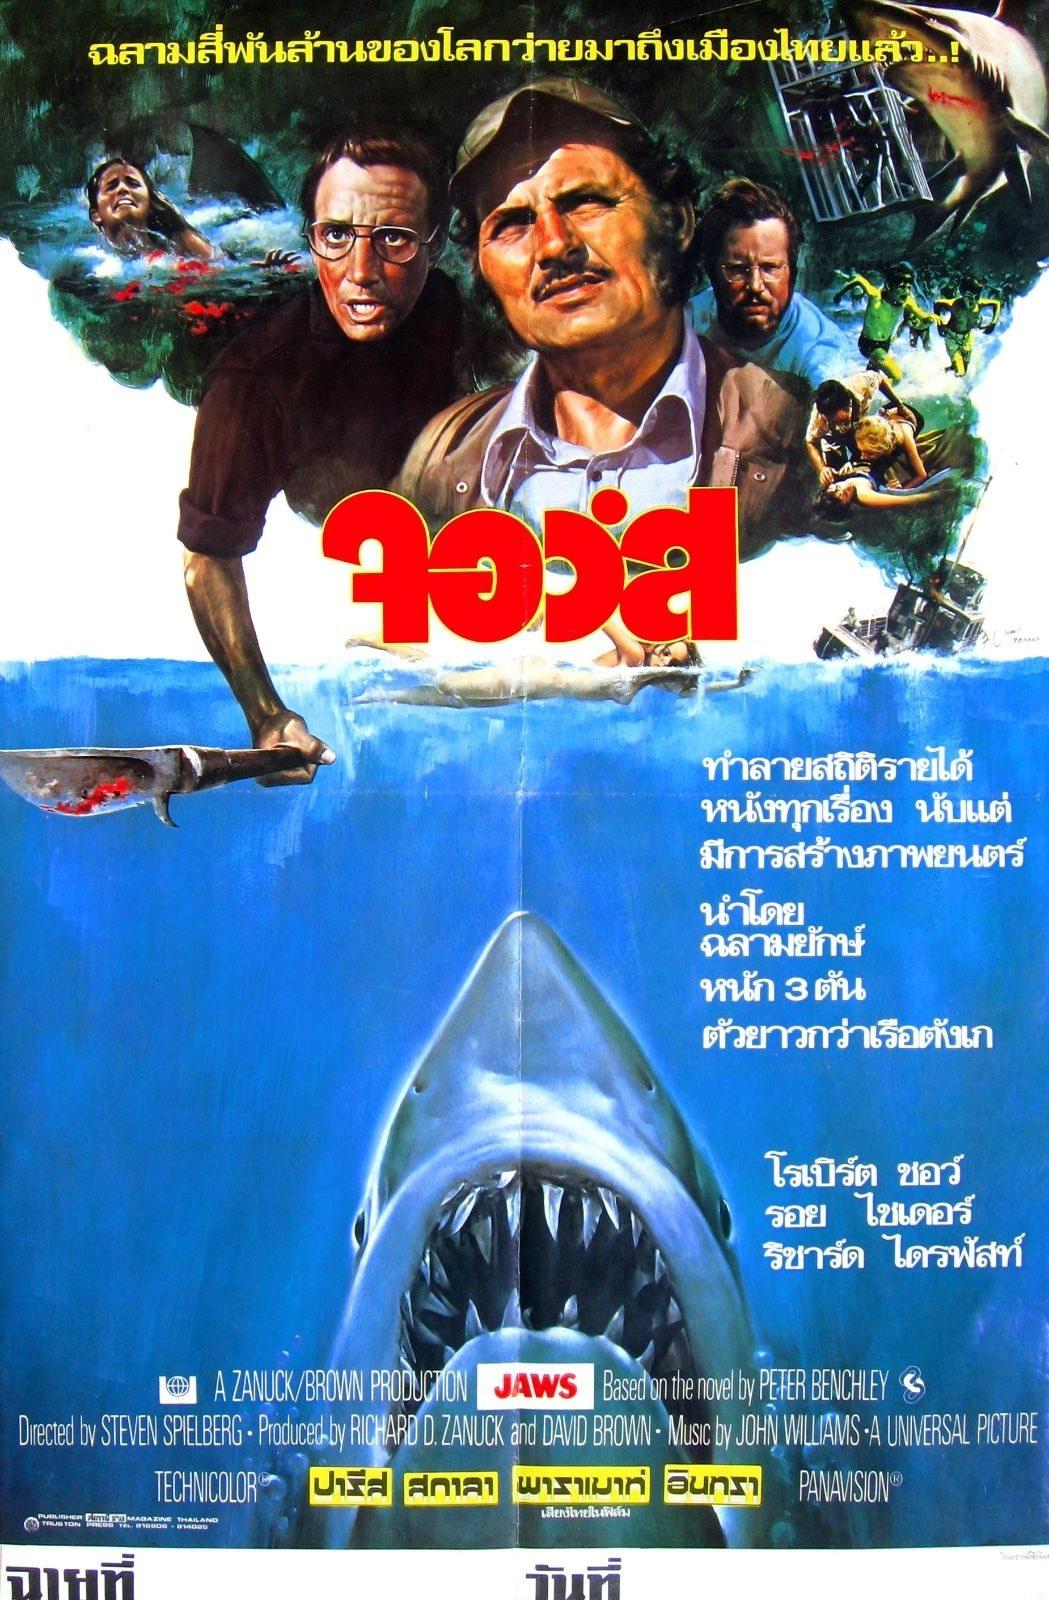 72876-Jaws-2-1978-Thriller-Thailand-Roy-Scheider-FRAMED-CANVAS-PRINT-Toile